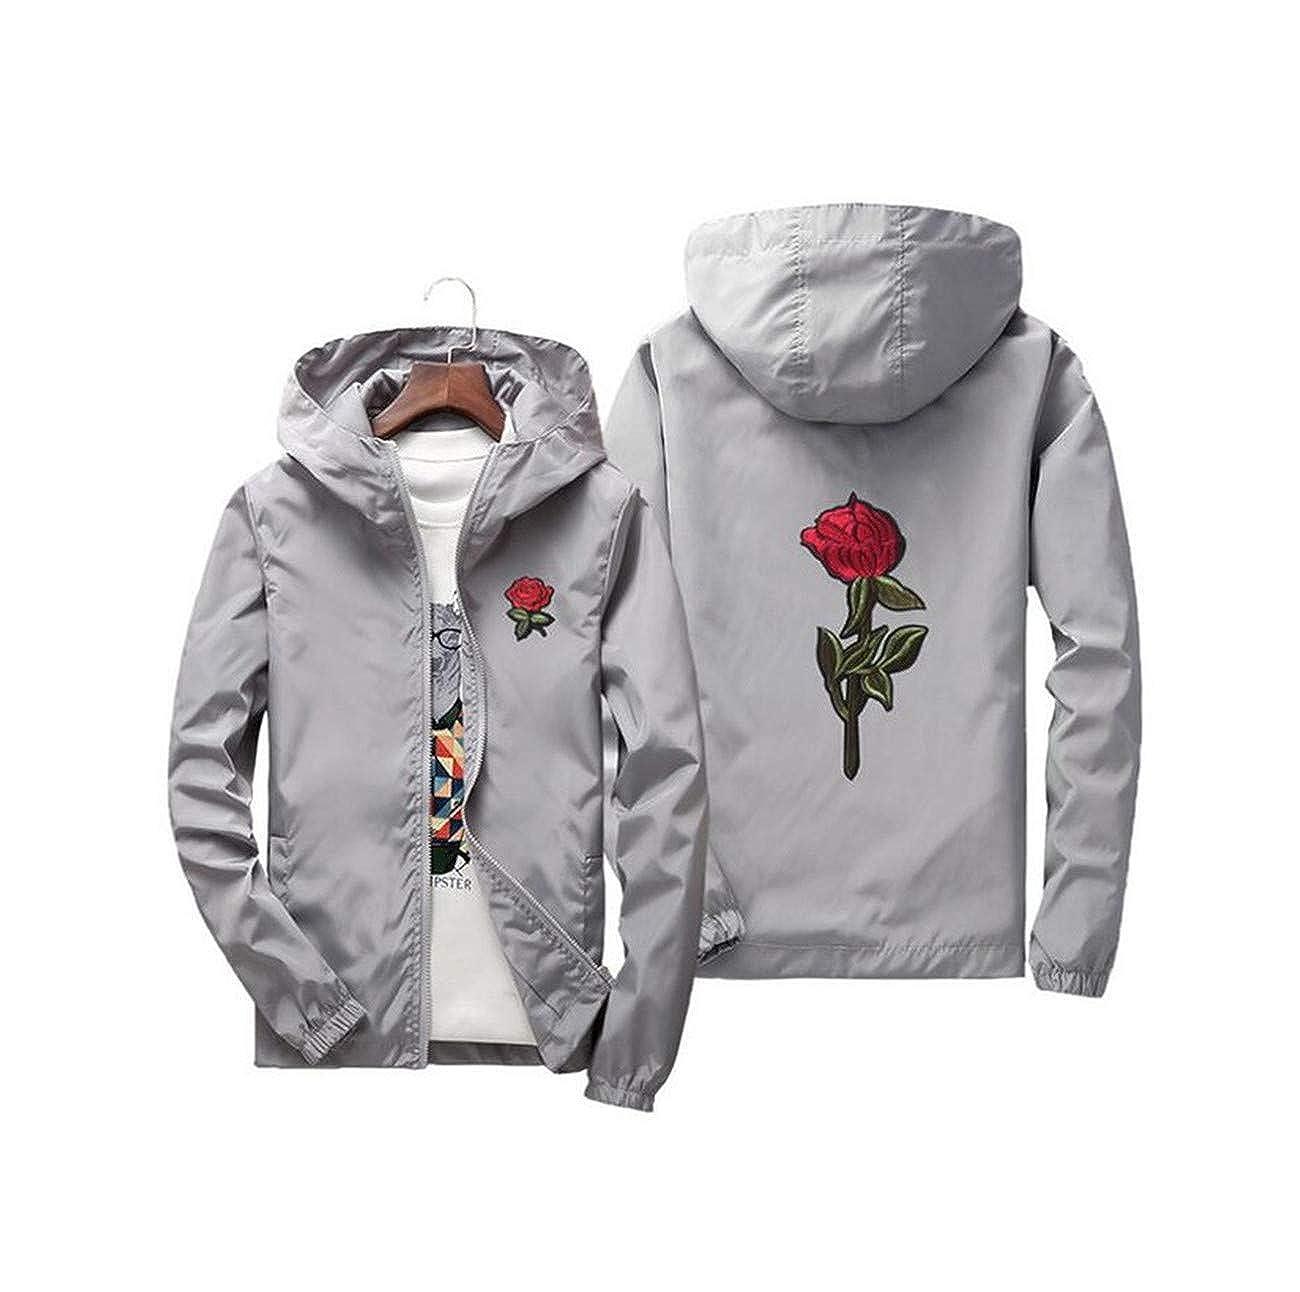 Fancy Dawn Embroidery Rose Flower Windbreaker Jacket Men Hooded Bomber Jacket Skin Mens Jackets